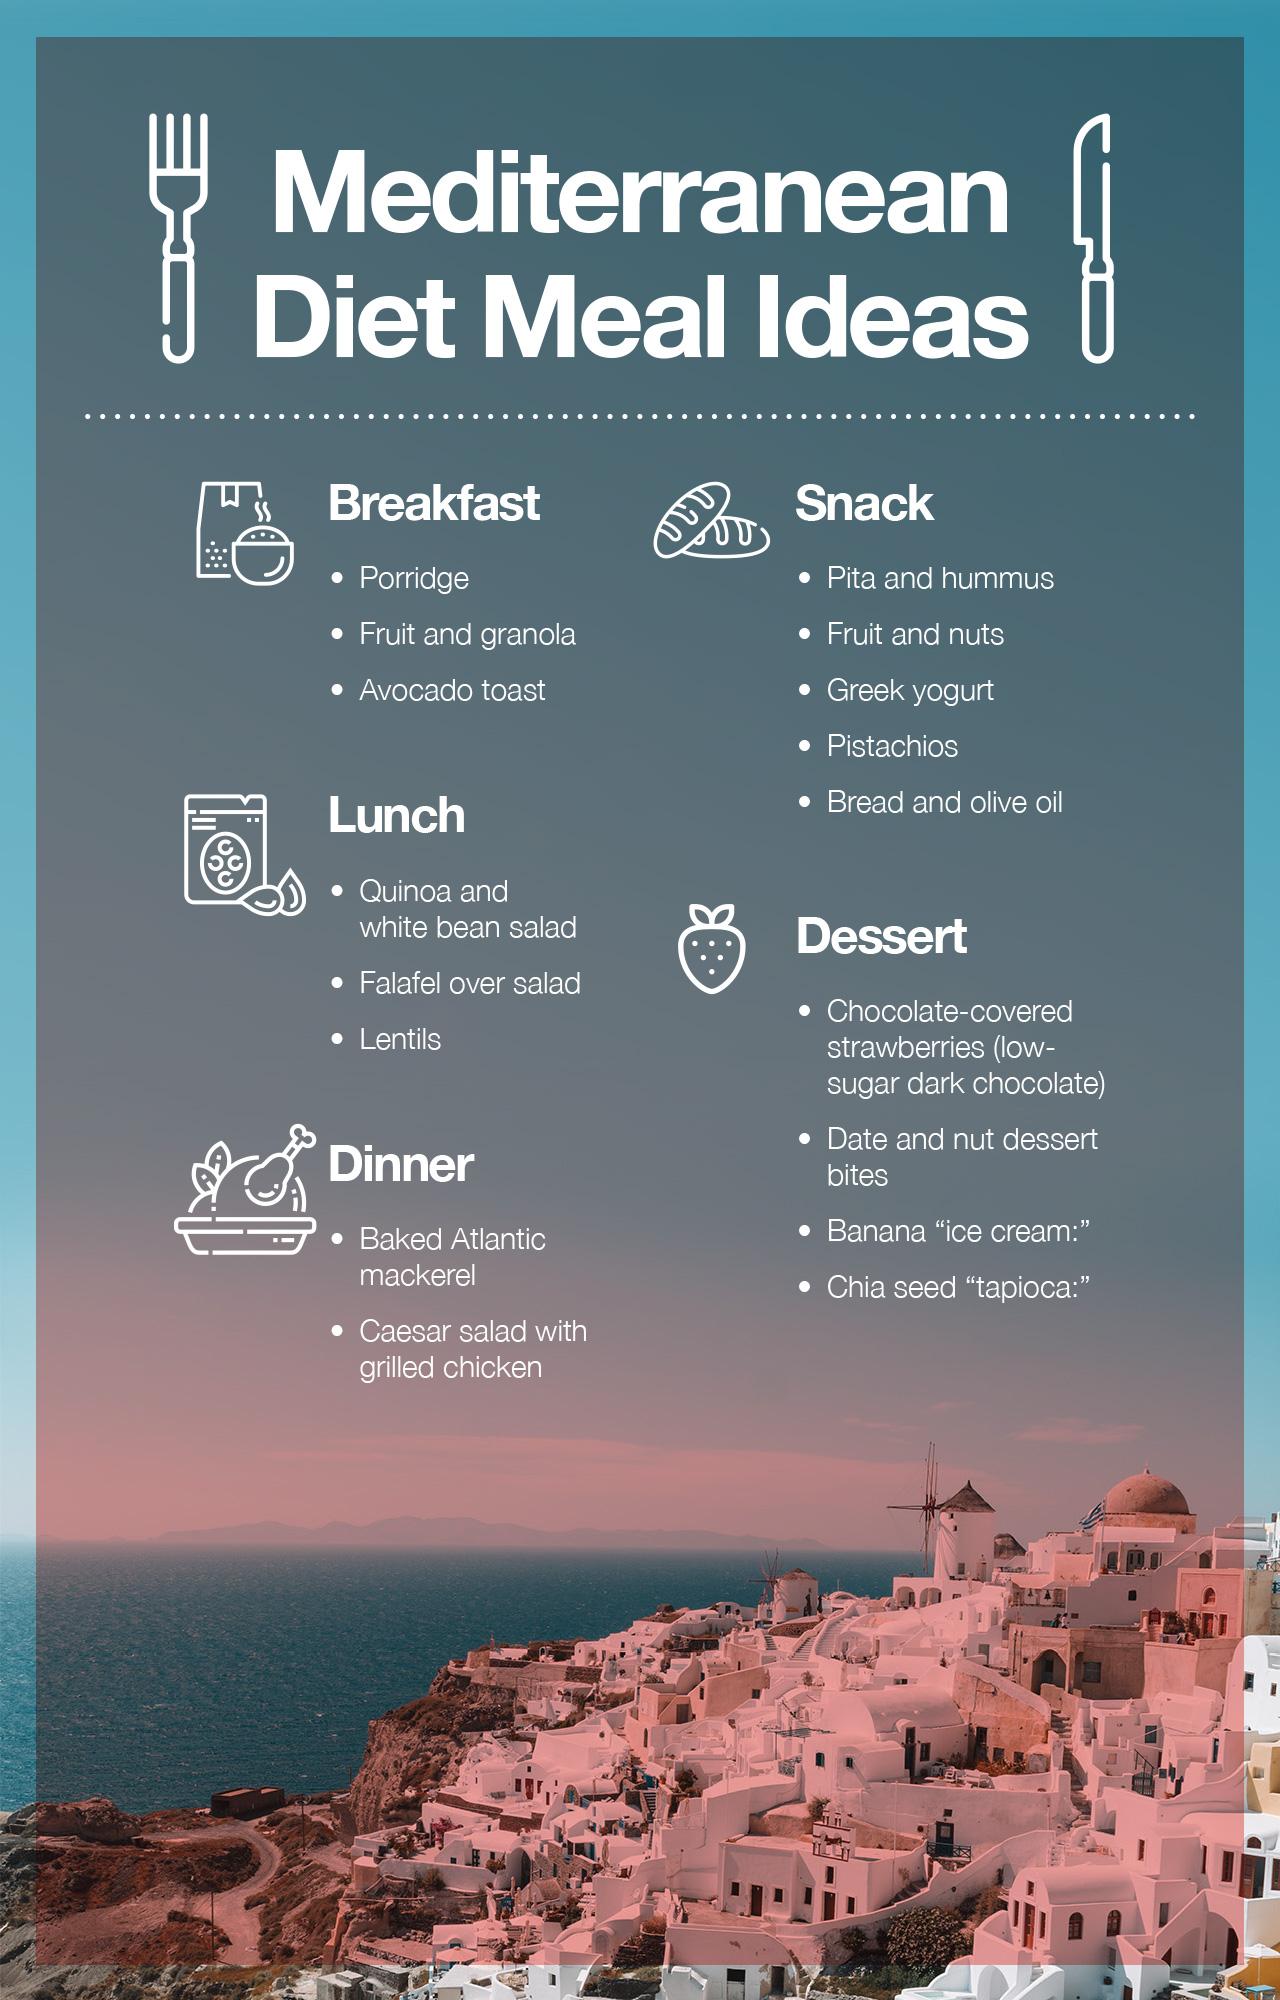 Mediterranean Diet Meal Ideas